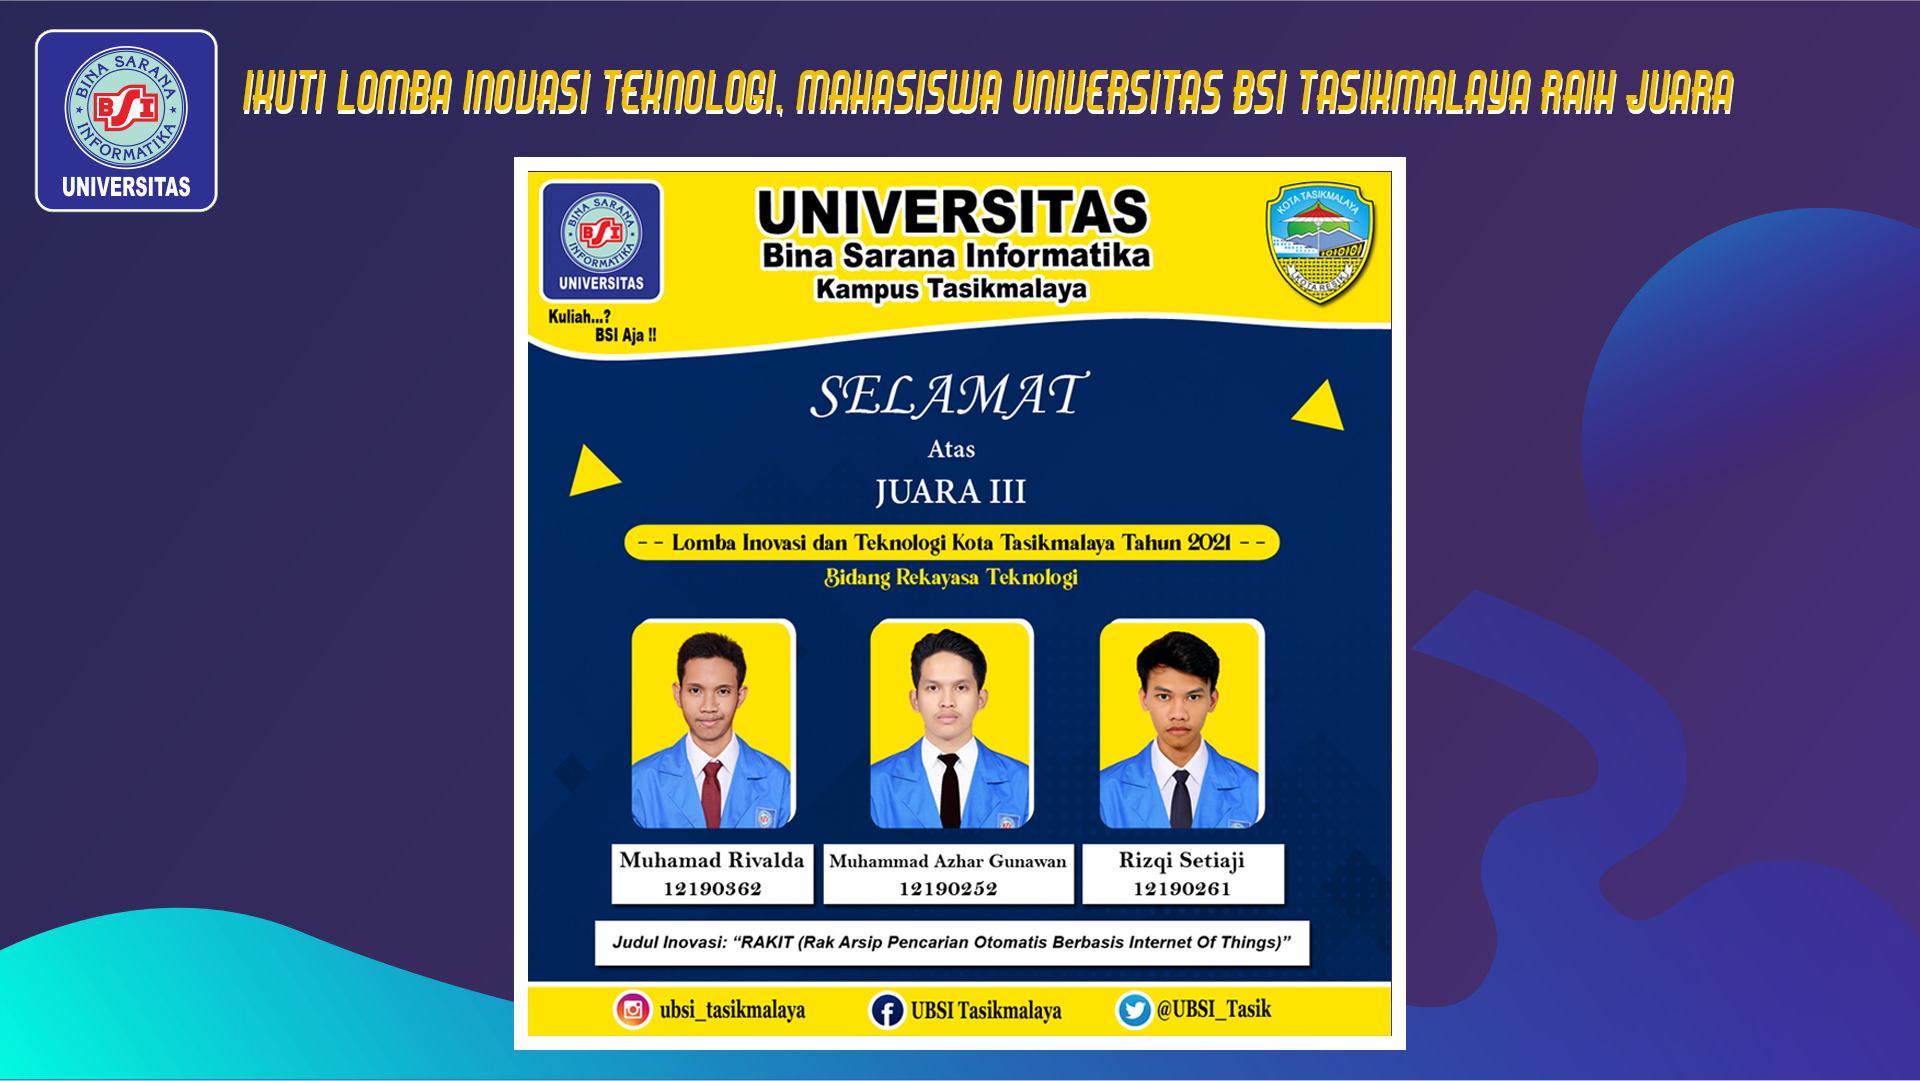 Ikuti Lomba Inovasi Teknologi, Mahasiswa Universitas BSI Tasikmalaya Raih Juara